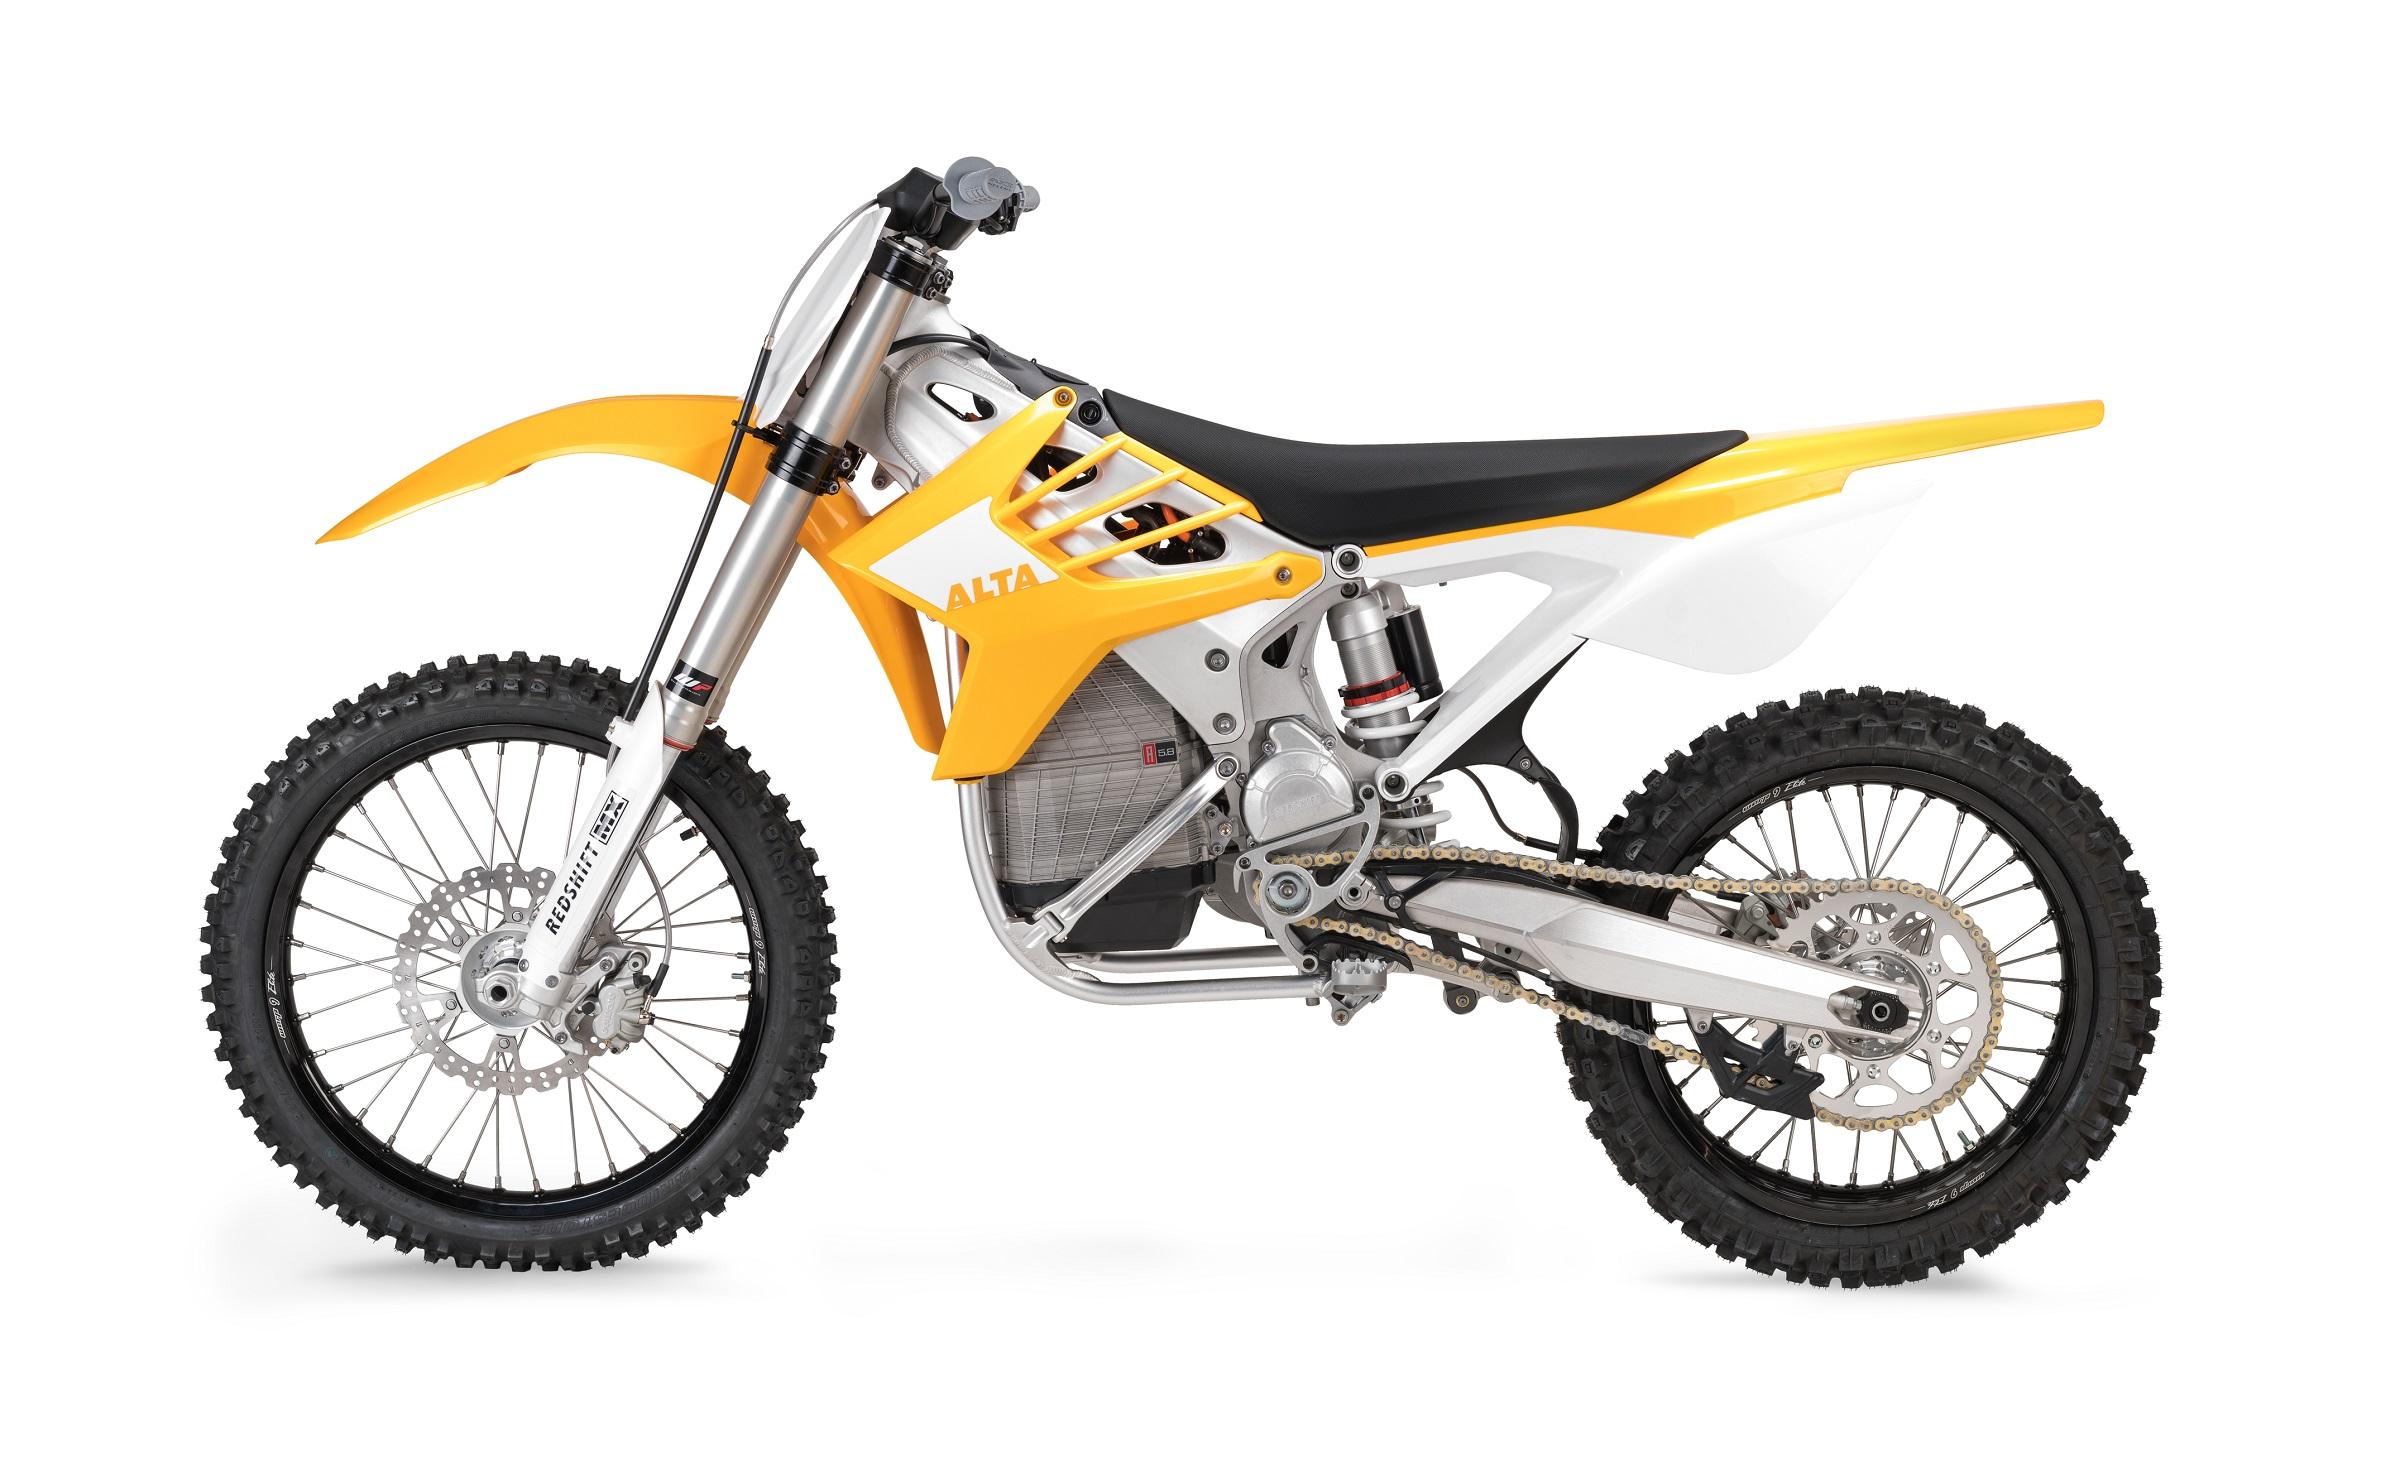 wrg 7045] 120 cc dirt bikes wiring diagram 230 cc dirt bikes 120 cc dirt bikes wiring diagram #12